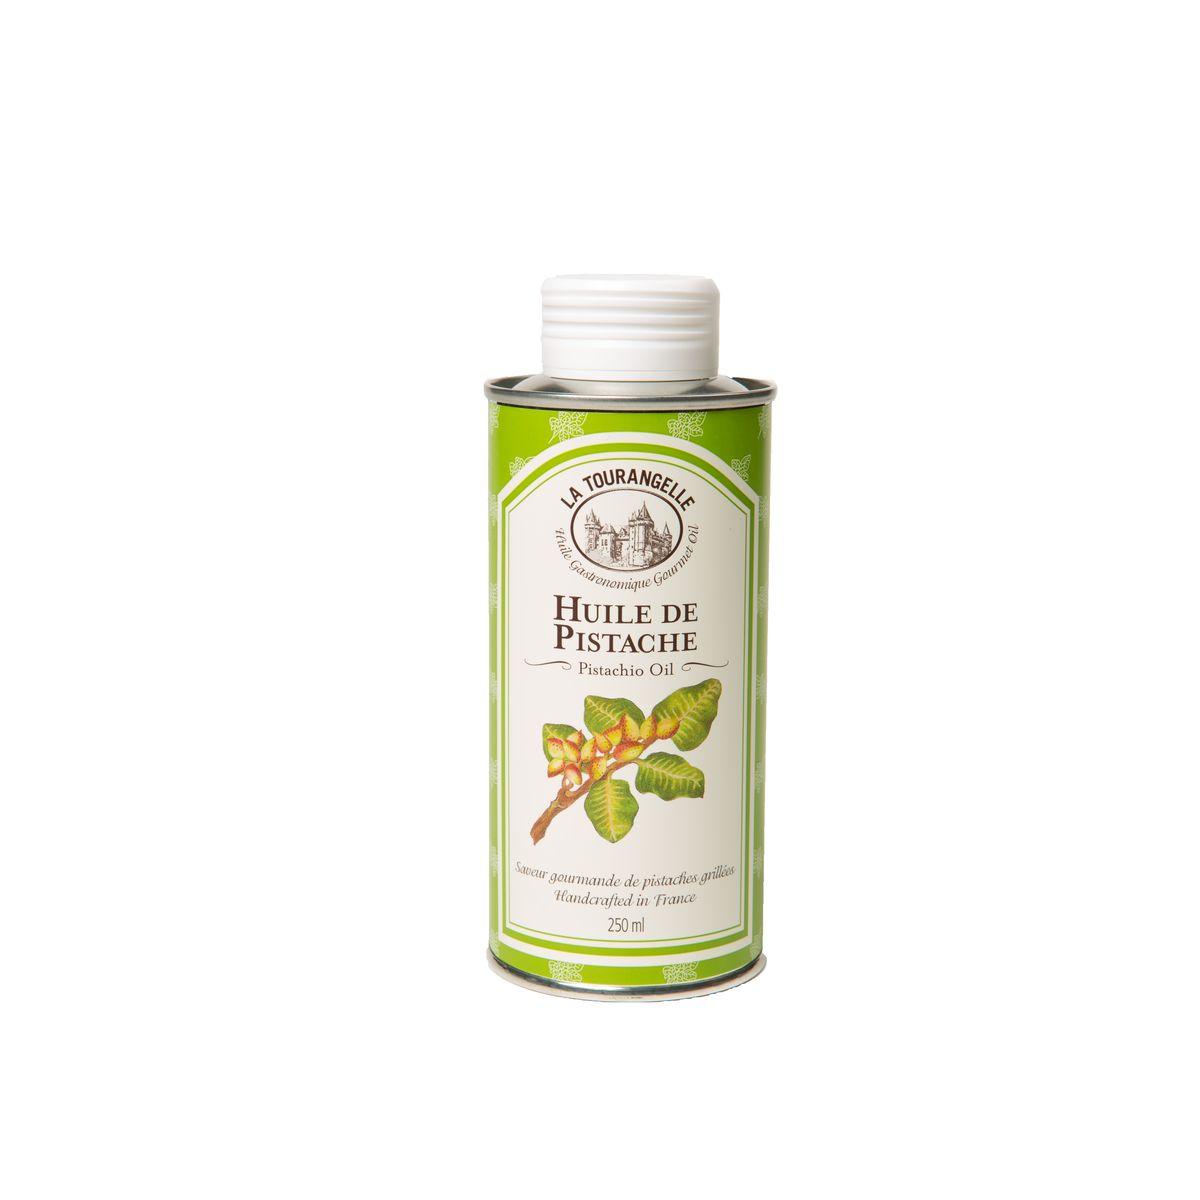 Huile de pistache 250 ml - La Tourangelle